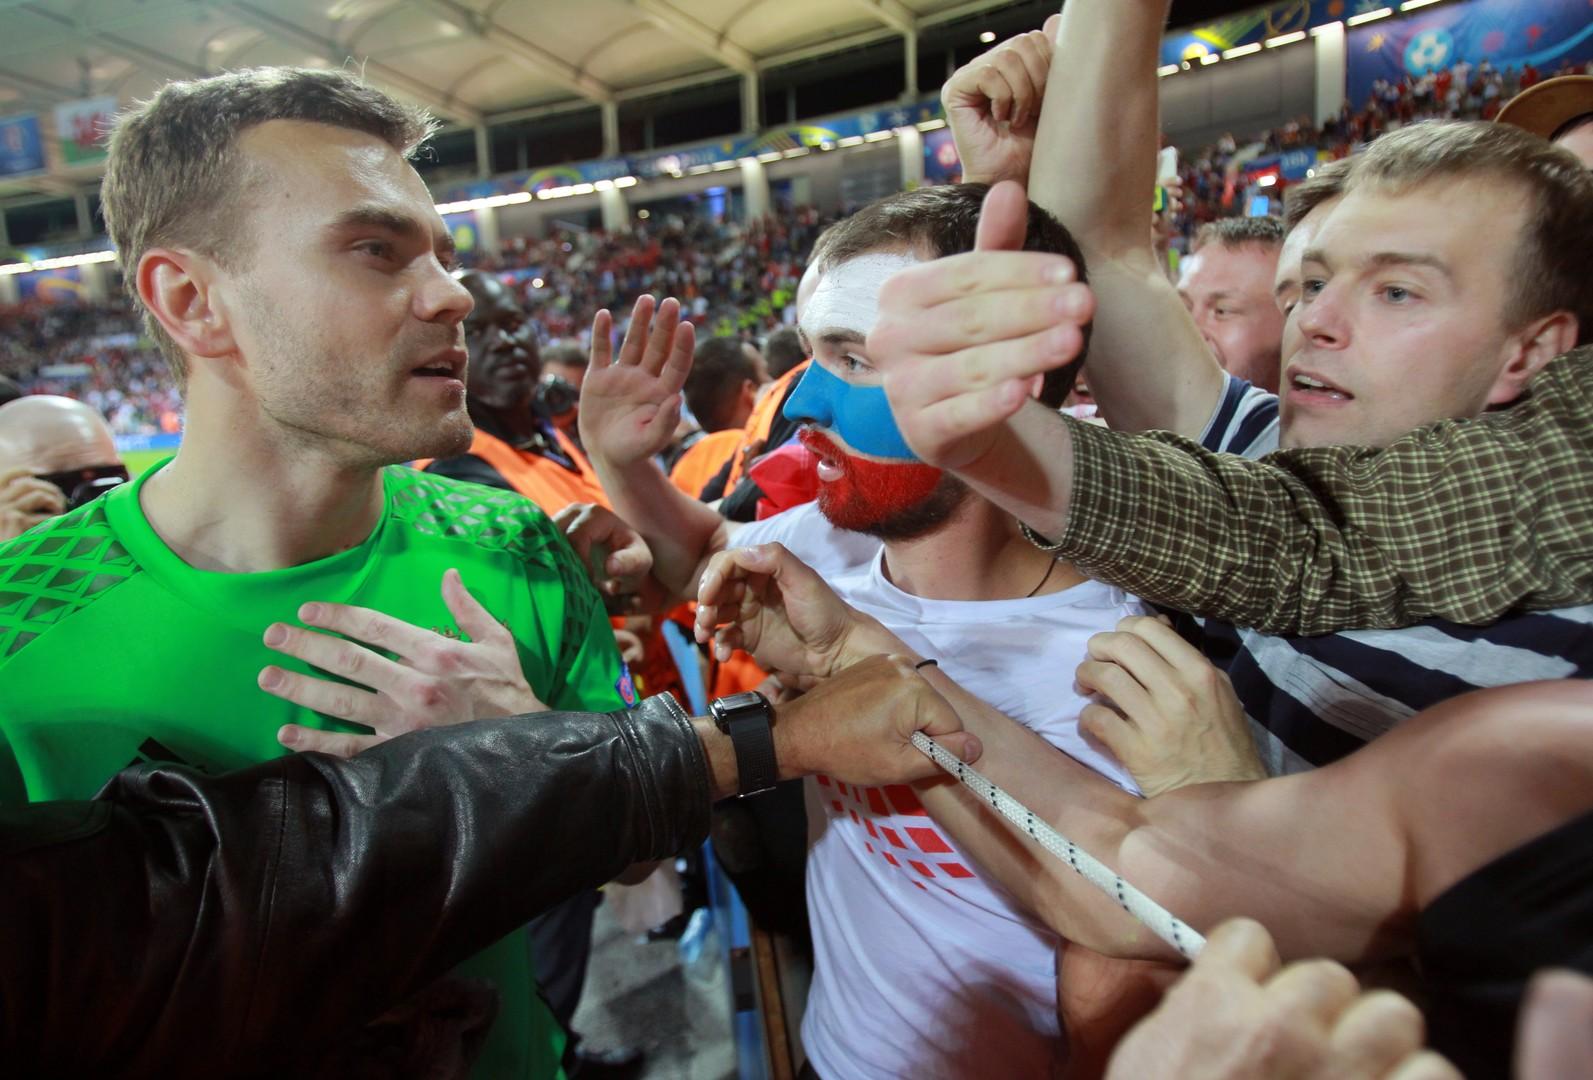 Вратарь сборной России Игорь Акинфеев общается с болельщиками после матча группового этапа чемпионата Европы по футболу - 2016 между сборными командами России и Уэльса.